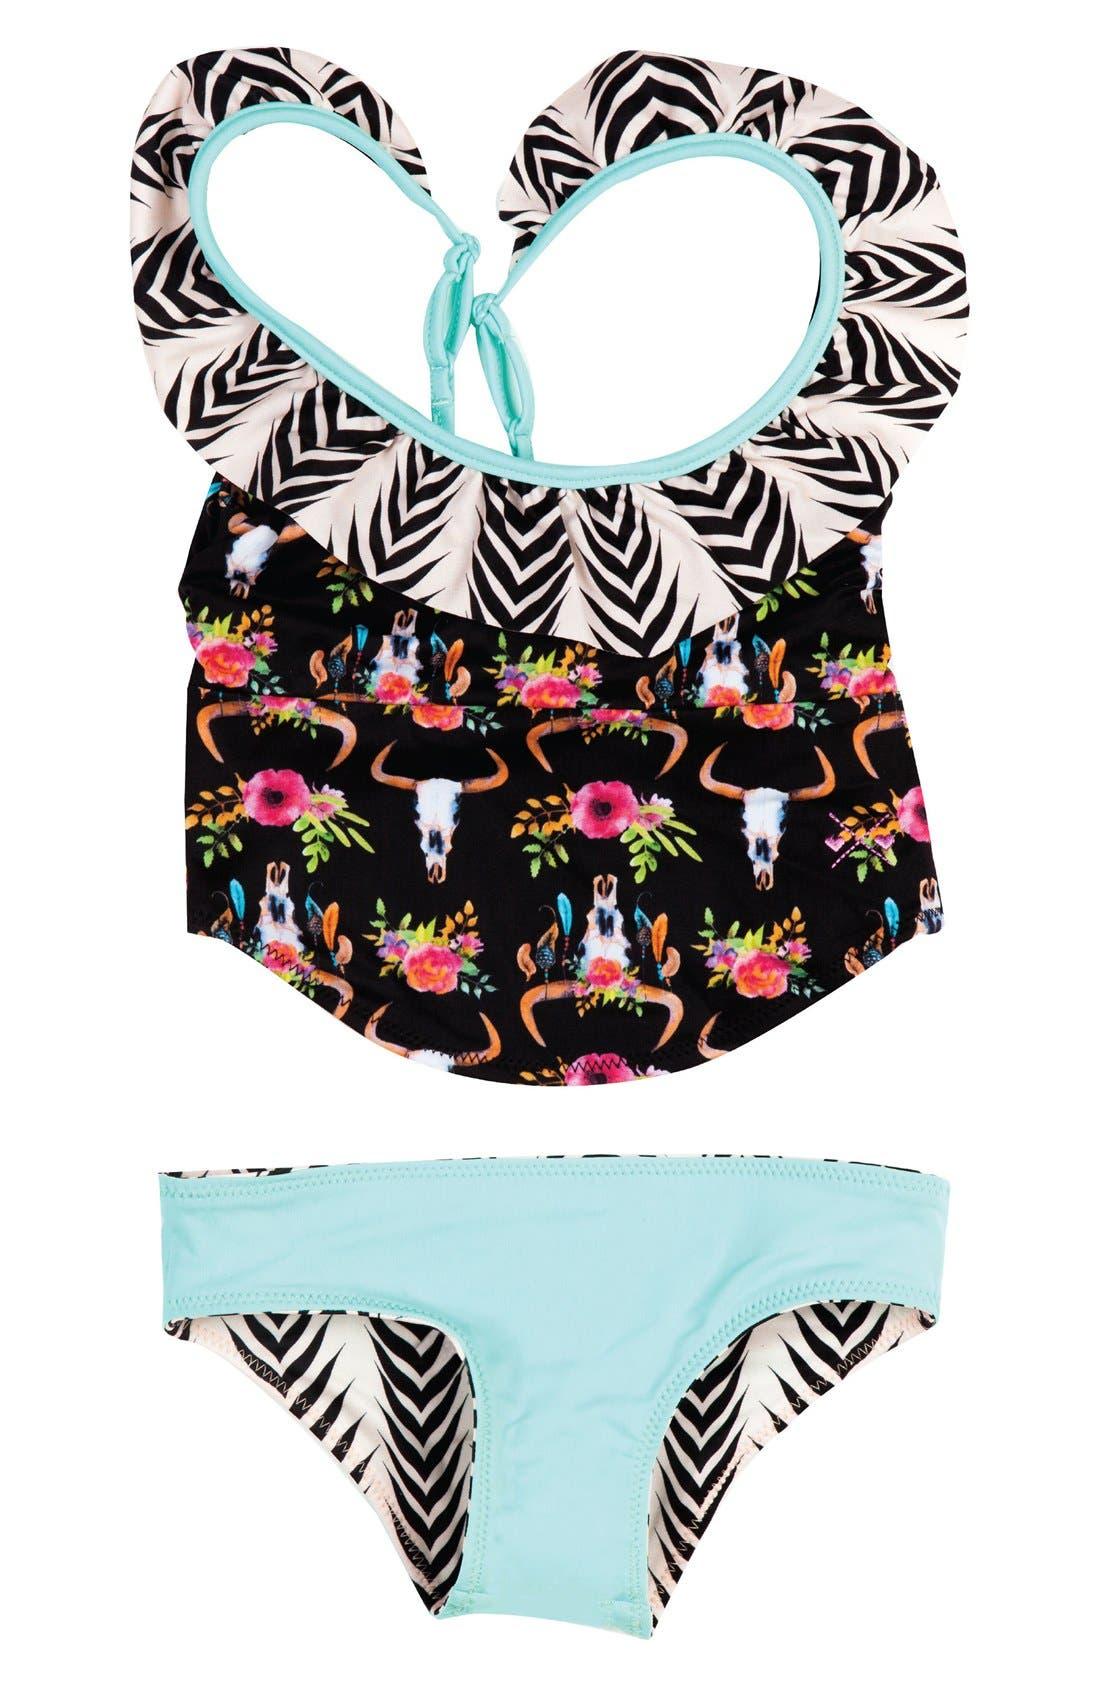 Dreamcatcher Two-Piece Tankini Swimsuit,                             Main thumbnail 1, color,                             Black